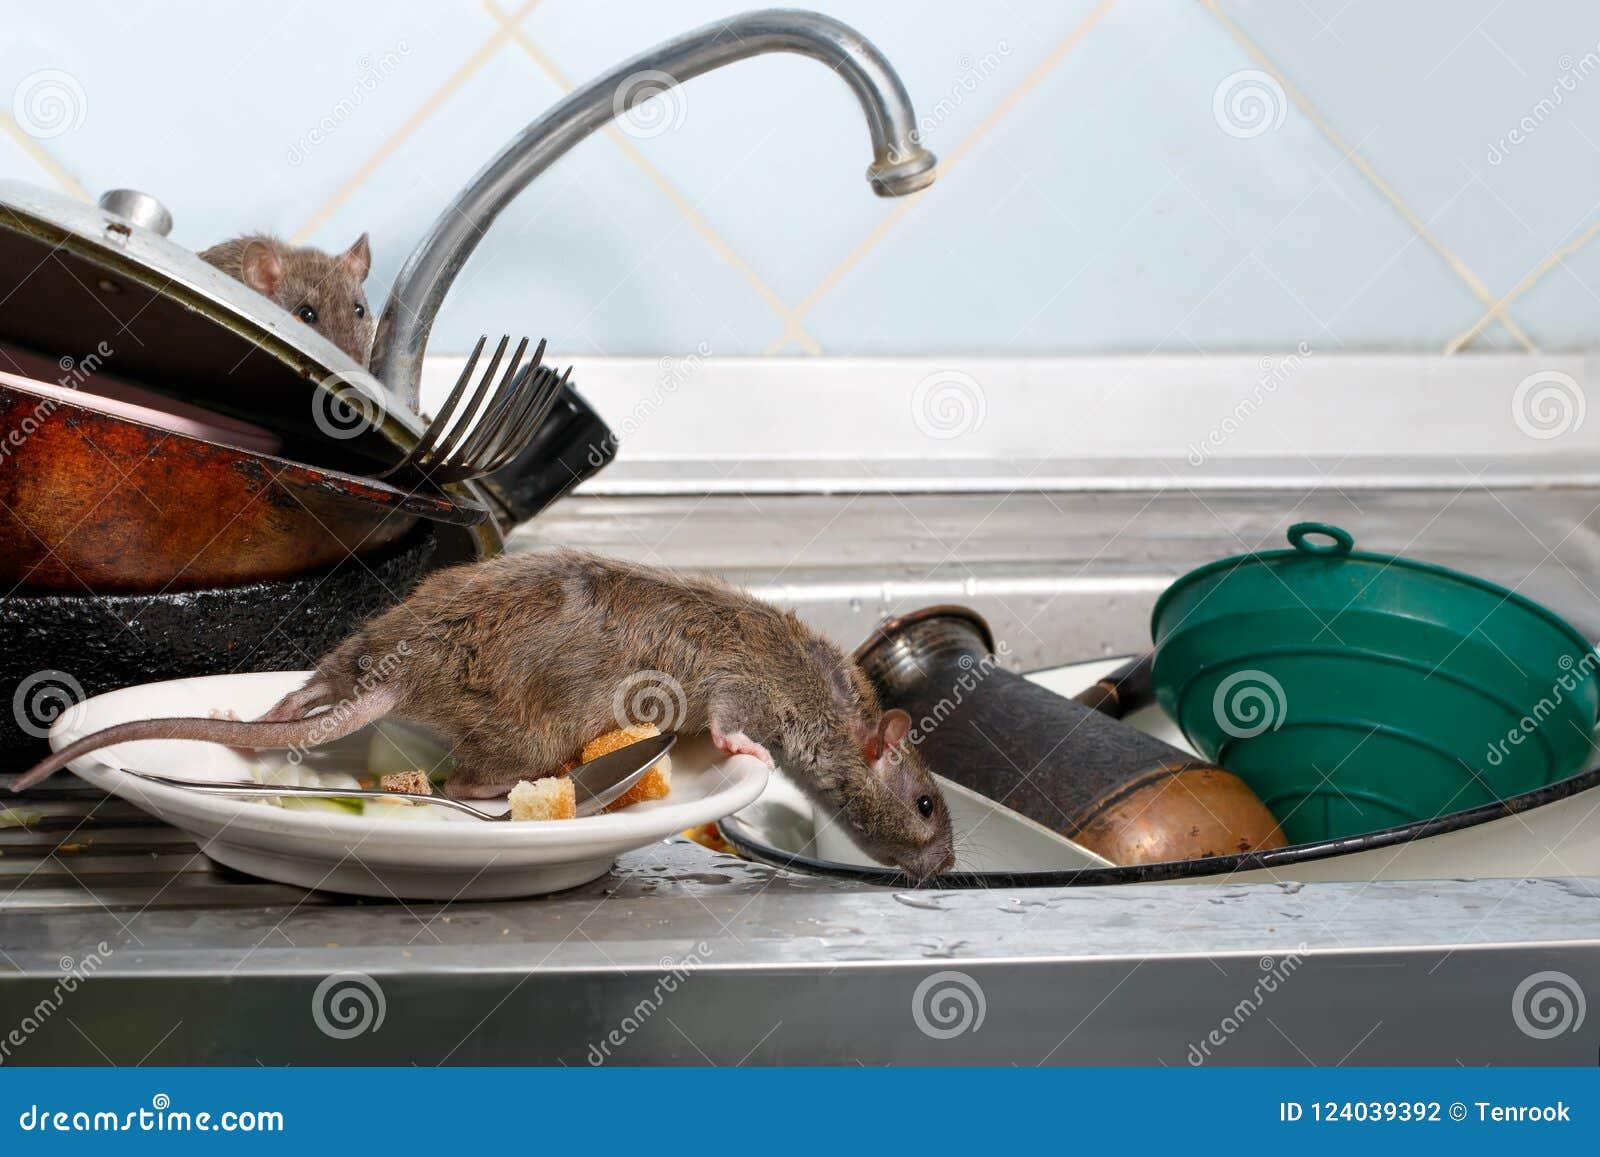 Dos ratas jovenes en el fregadero con loza sucia en la cocina